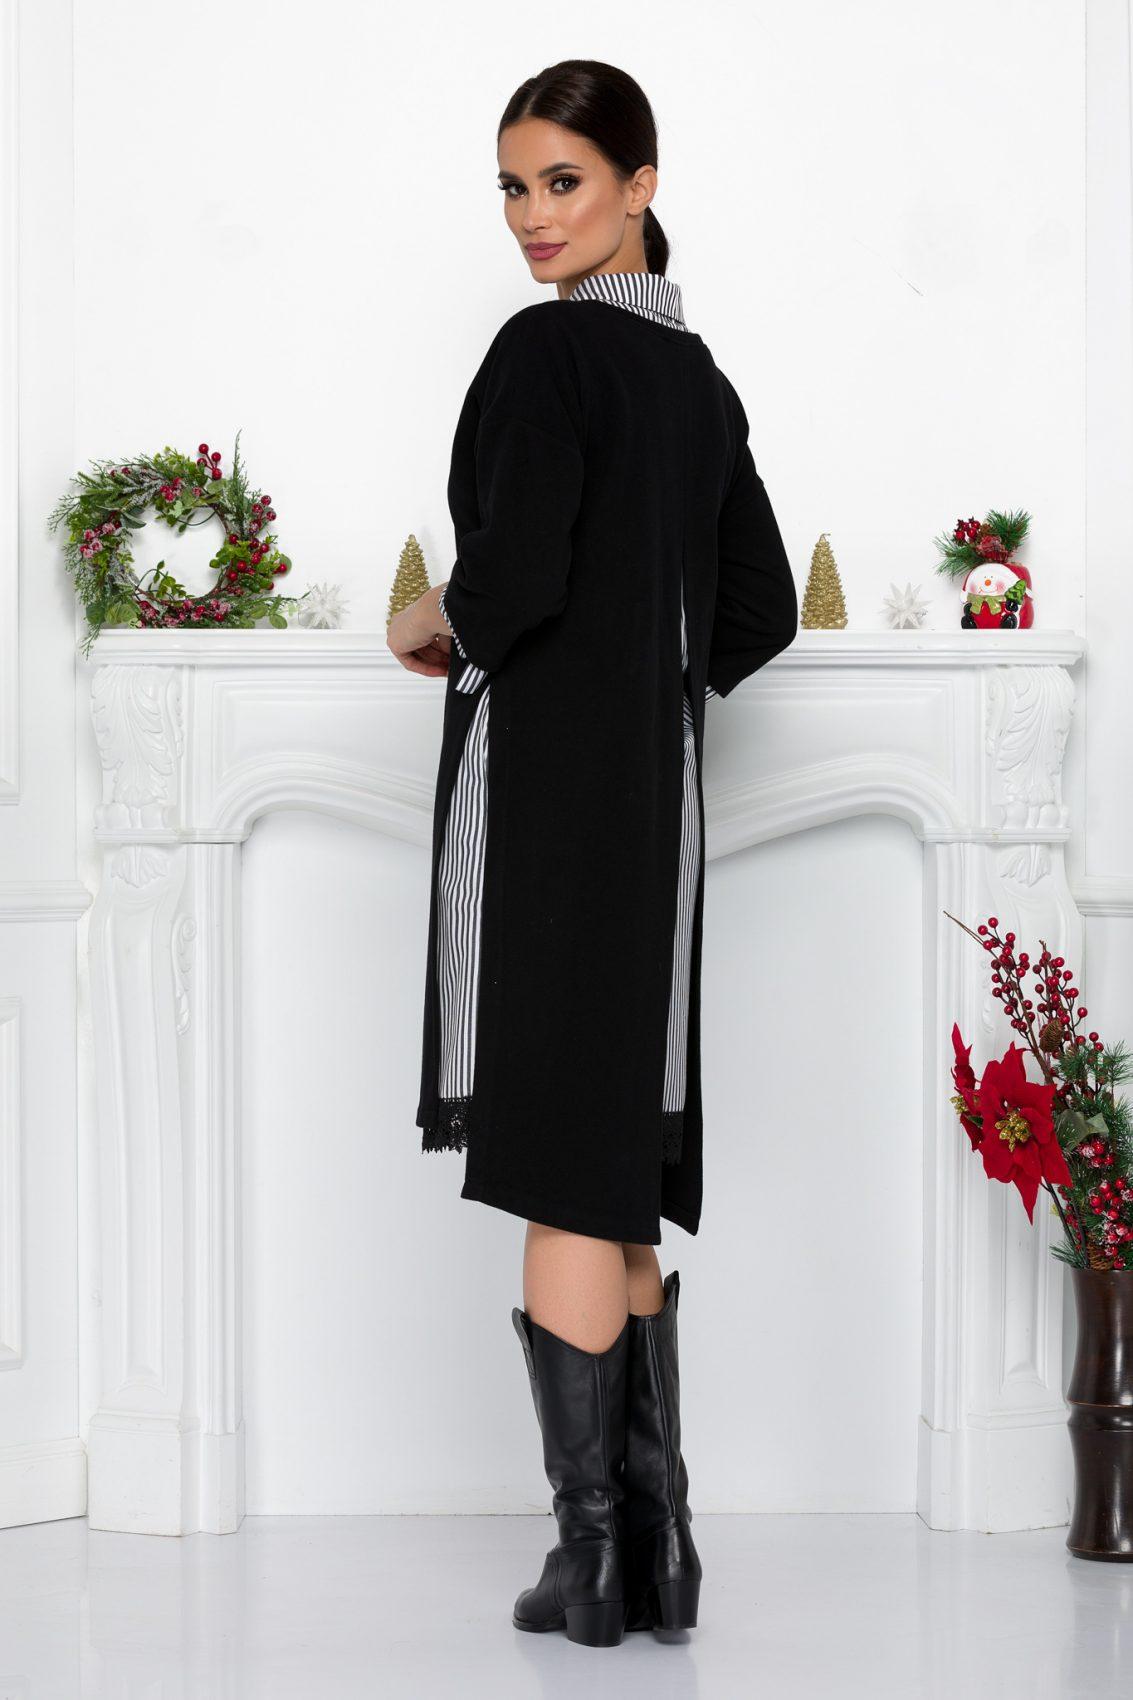 Μαύρο Πλεκτό Φόρεμα Με Δαντέλα Soffi 9042 1